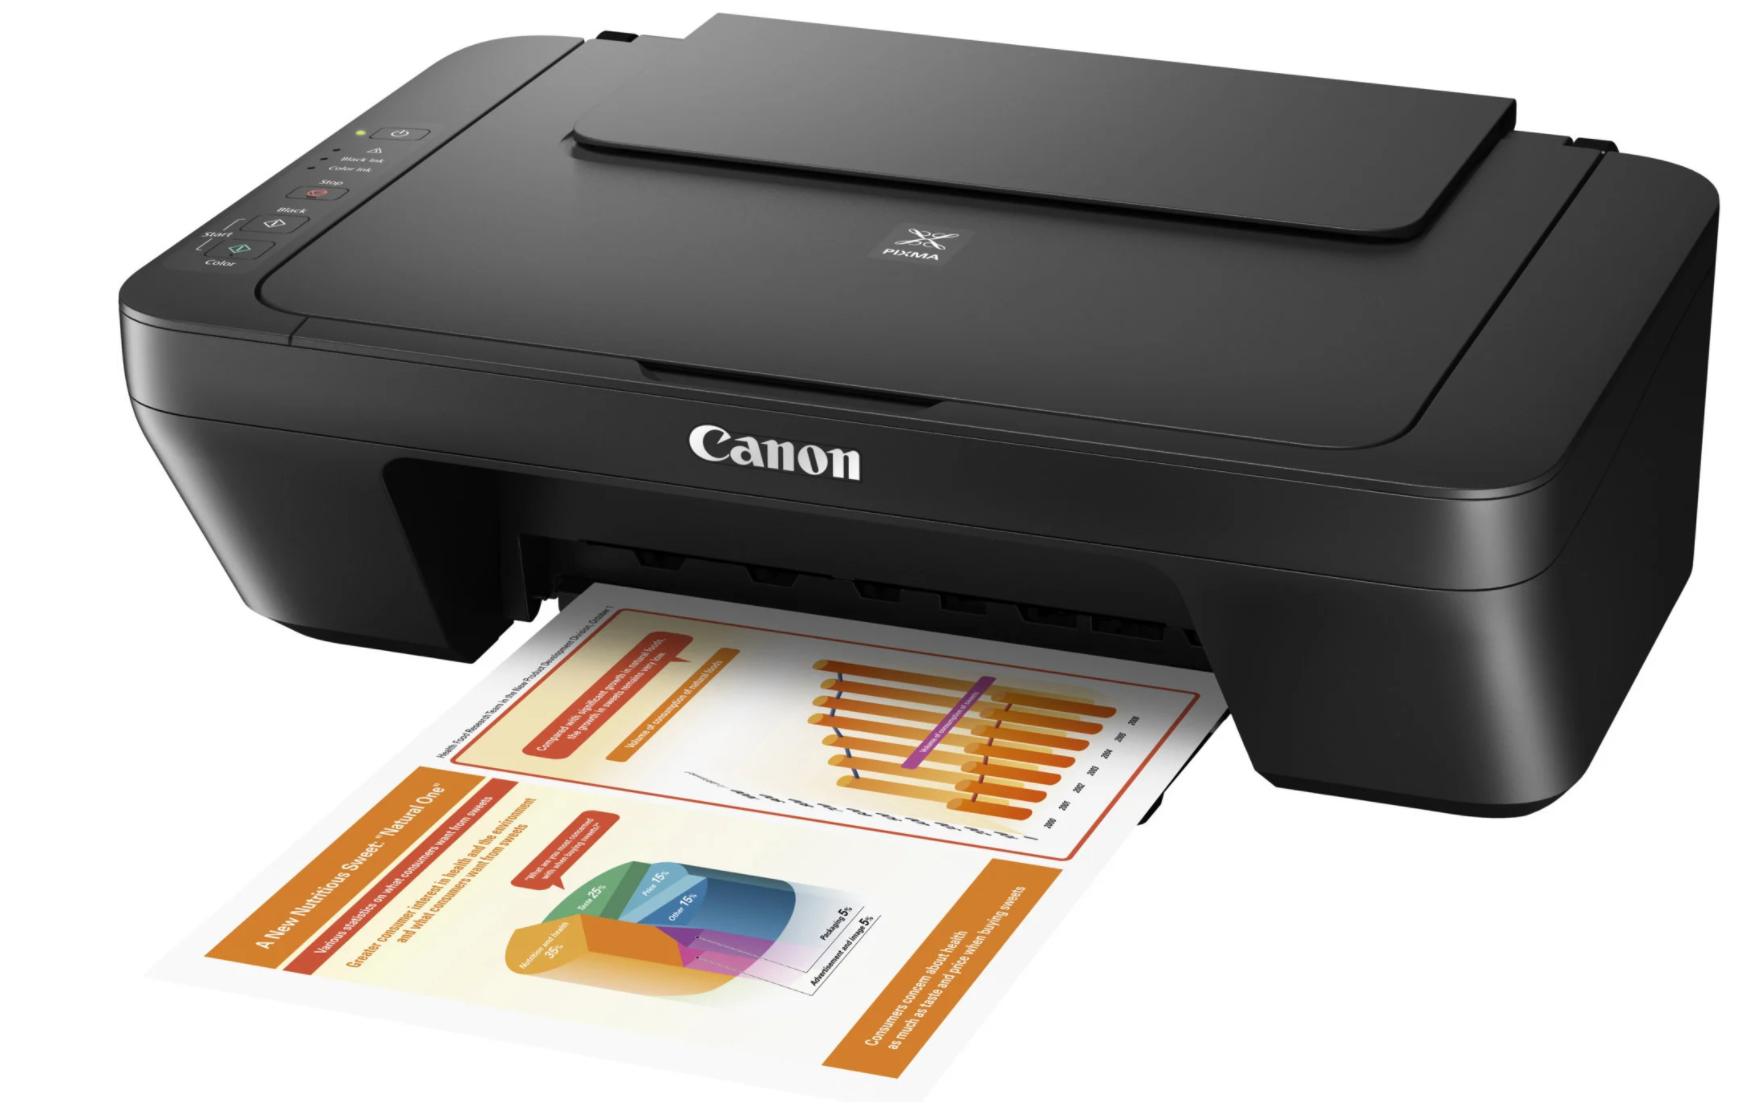 CANON PIXMA MG2550S černá MFP Print/Scan/Copy, 4800x600, 8/4 stran/min, USB2.0, multifunkce, 0727C006